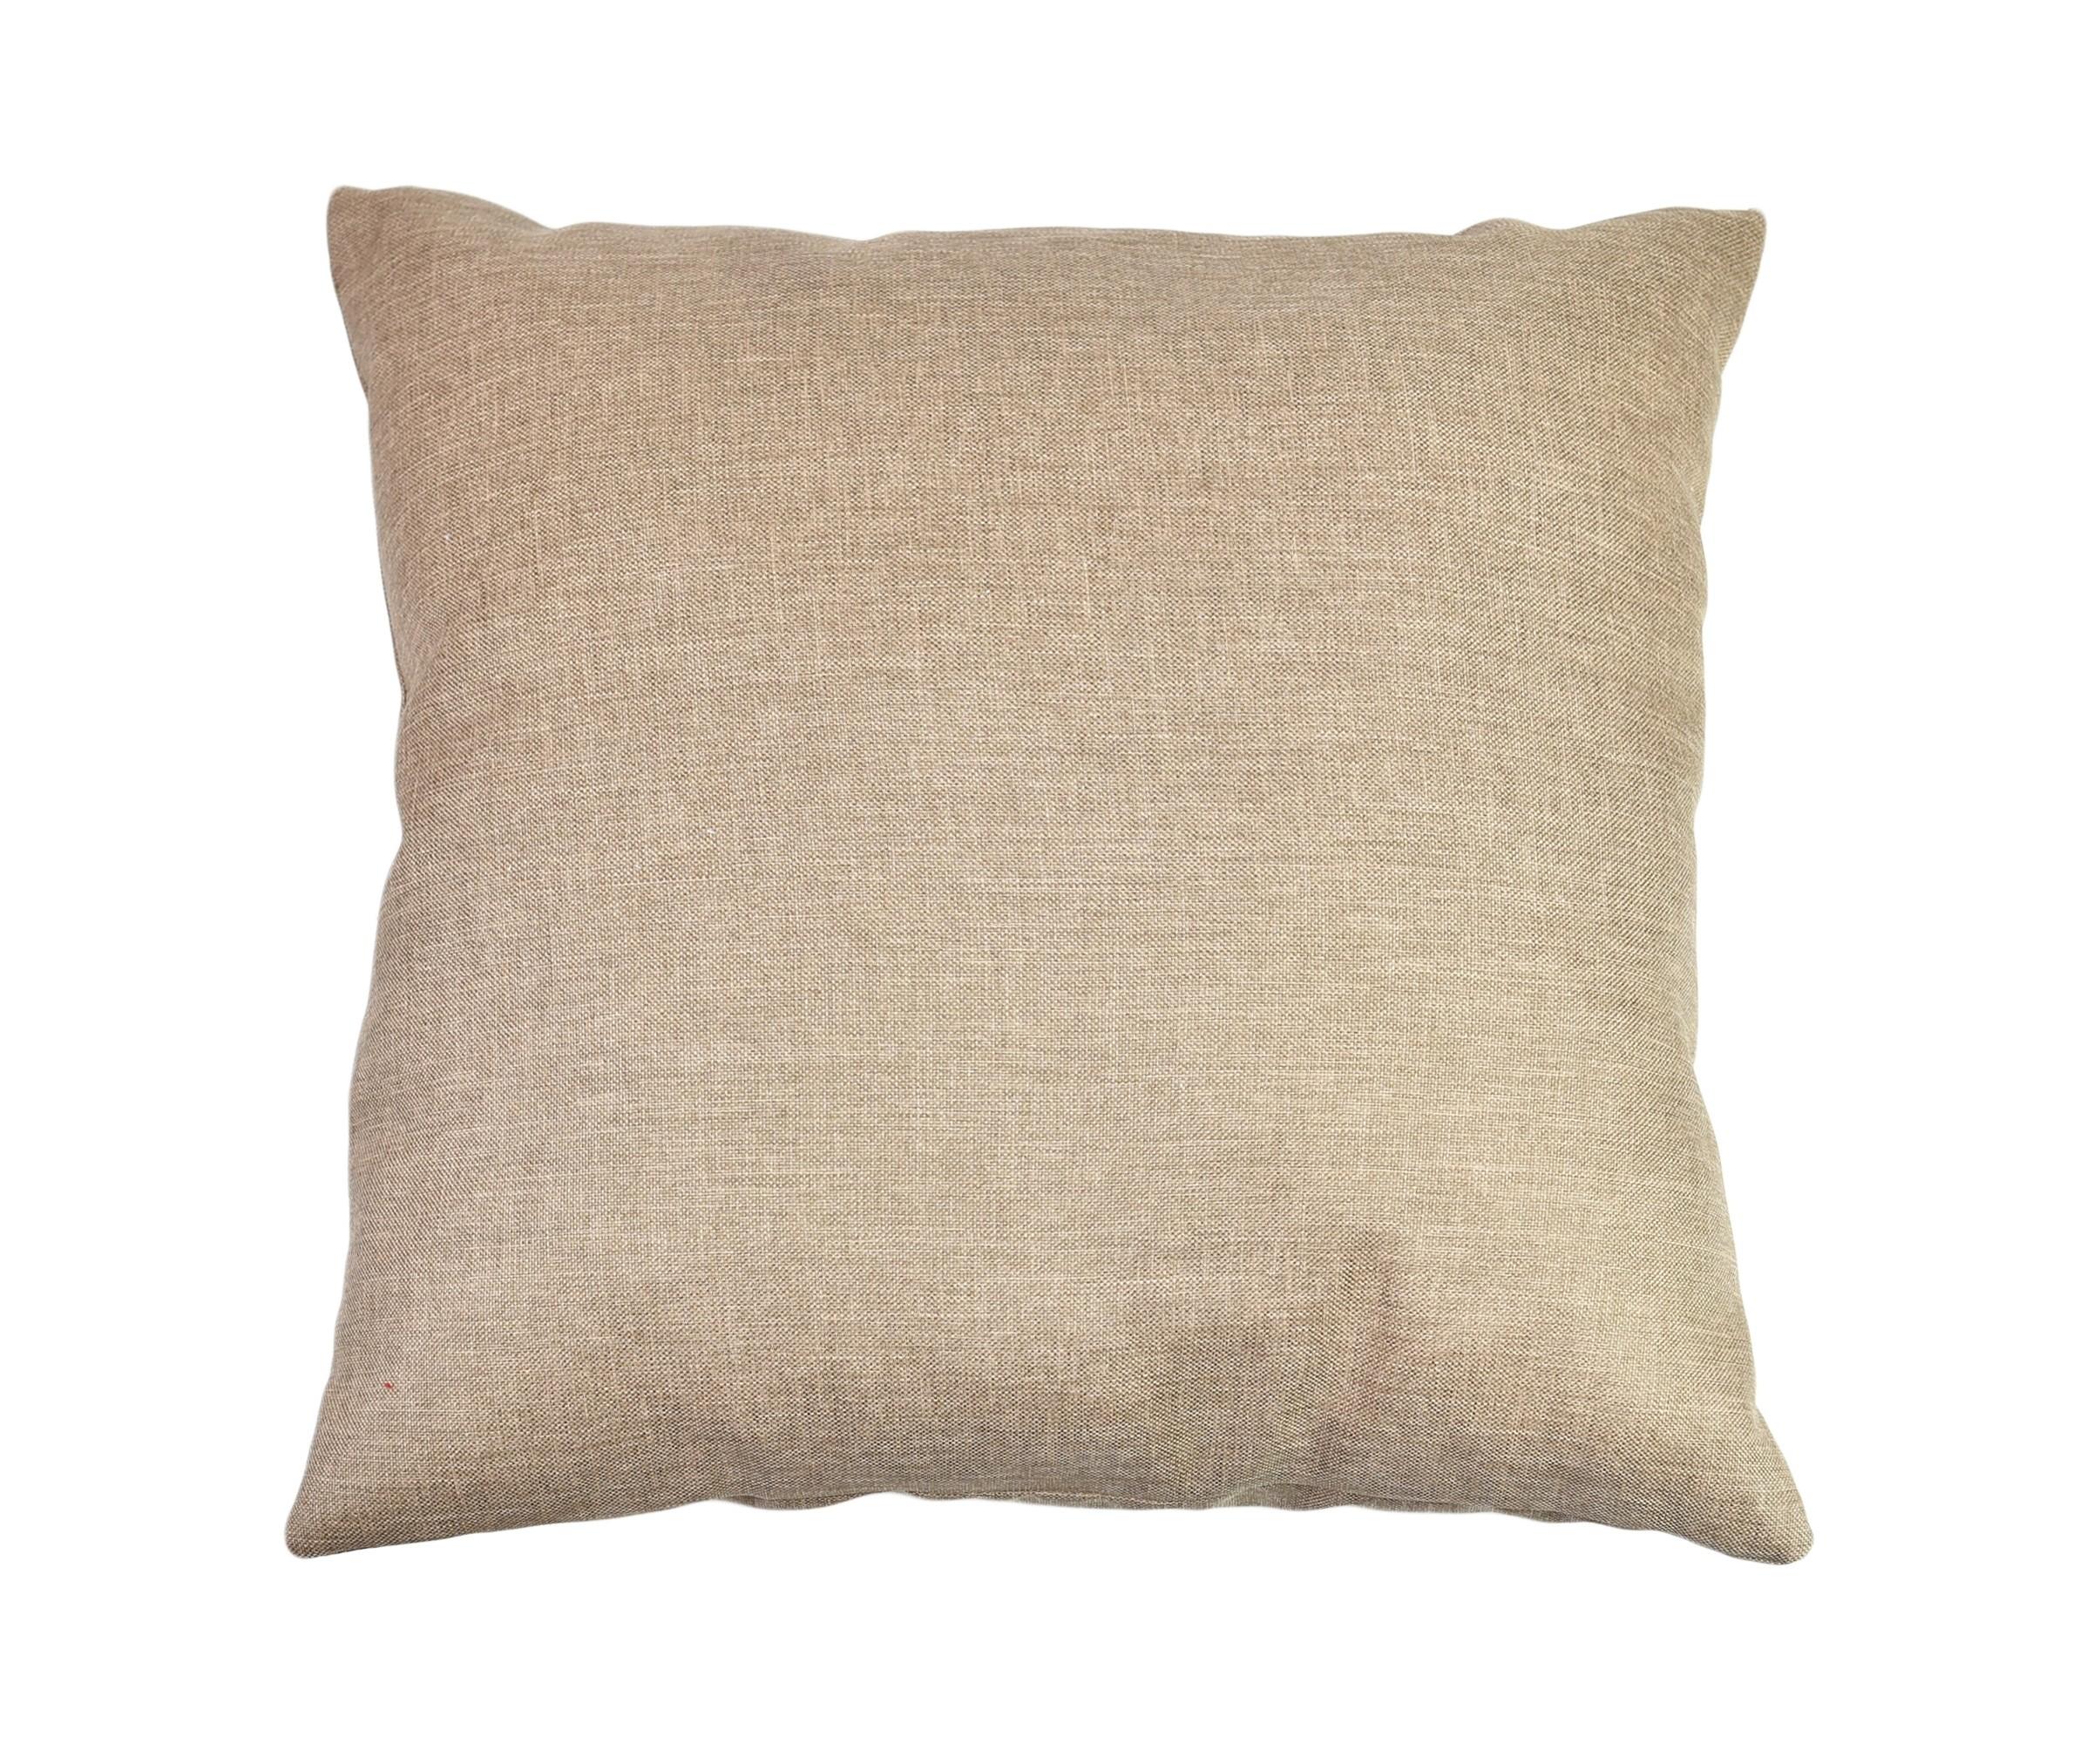 Подушка декоративная (2шт)Квадратные подушки и наволочки<br>Джунгли зовут! Прислушайтесь к ним с этими декоративными подушками. Они добавят экзотических ноток и освежат интерьер, став ярким акцентом в комнате. Подушки выполнены из высококачественного материала, который безопасен даже для чувствительной кожи!<br><br>Material: Текстиль<br>Ширина см: 45<br>Высота см: 45